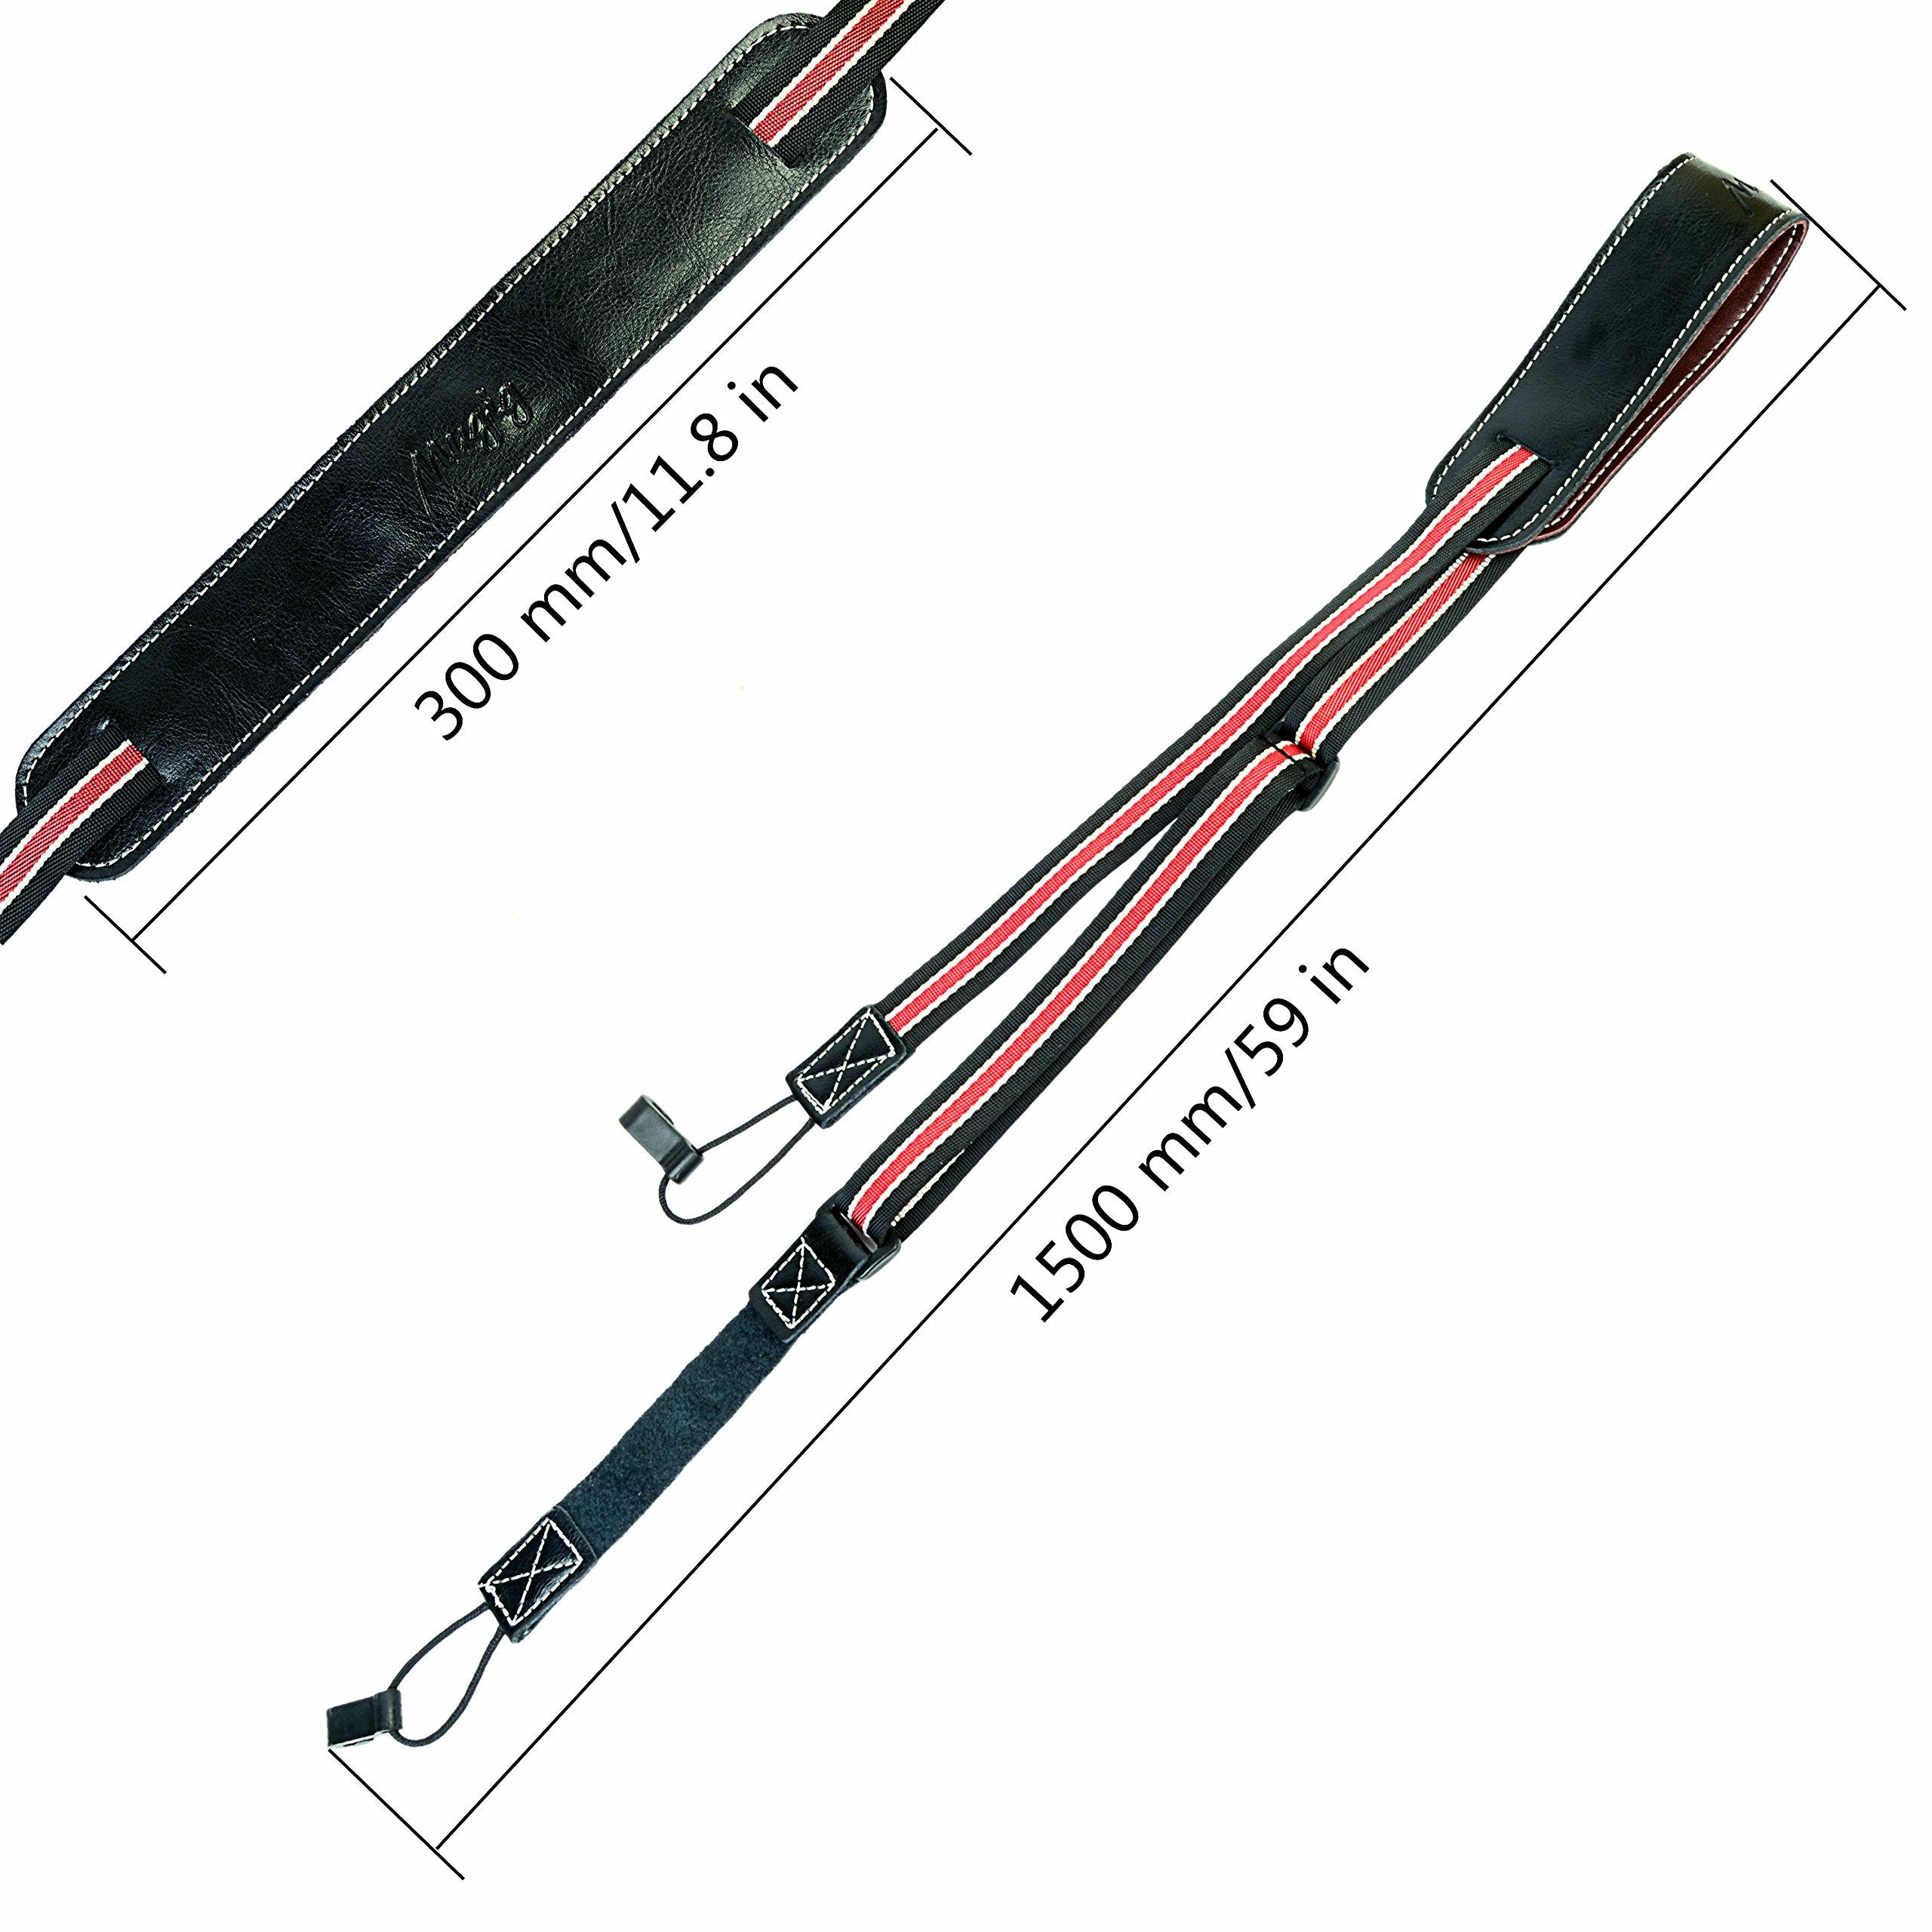 Ukulele Strap, Leather Pad Adjustable Nylon Neck Sling Strap for Ukulele with Sound Hole Hook (Brown) (black)